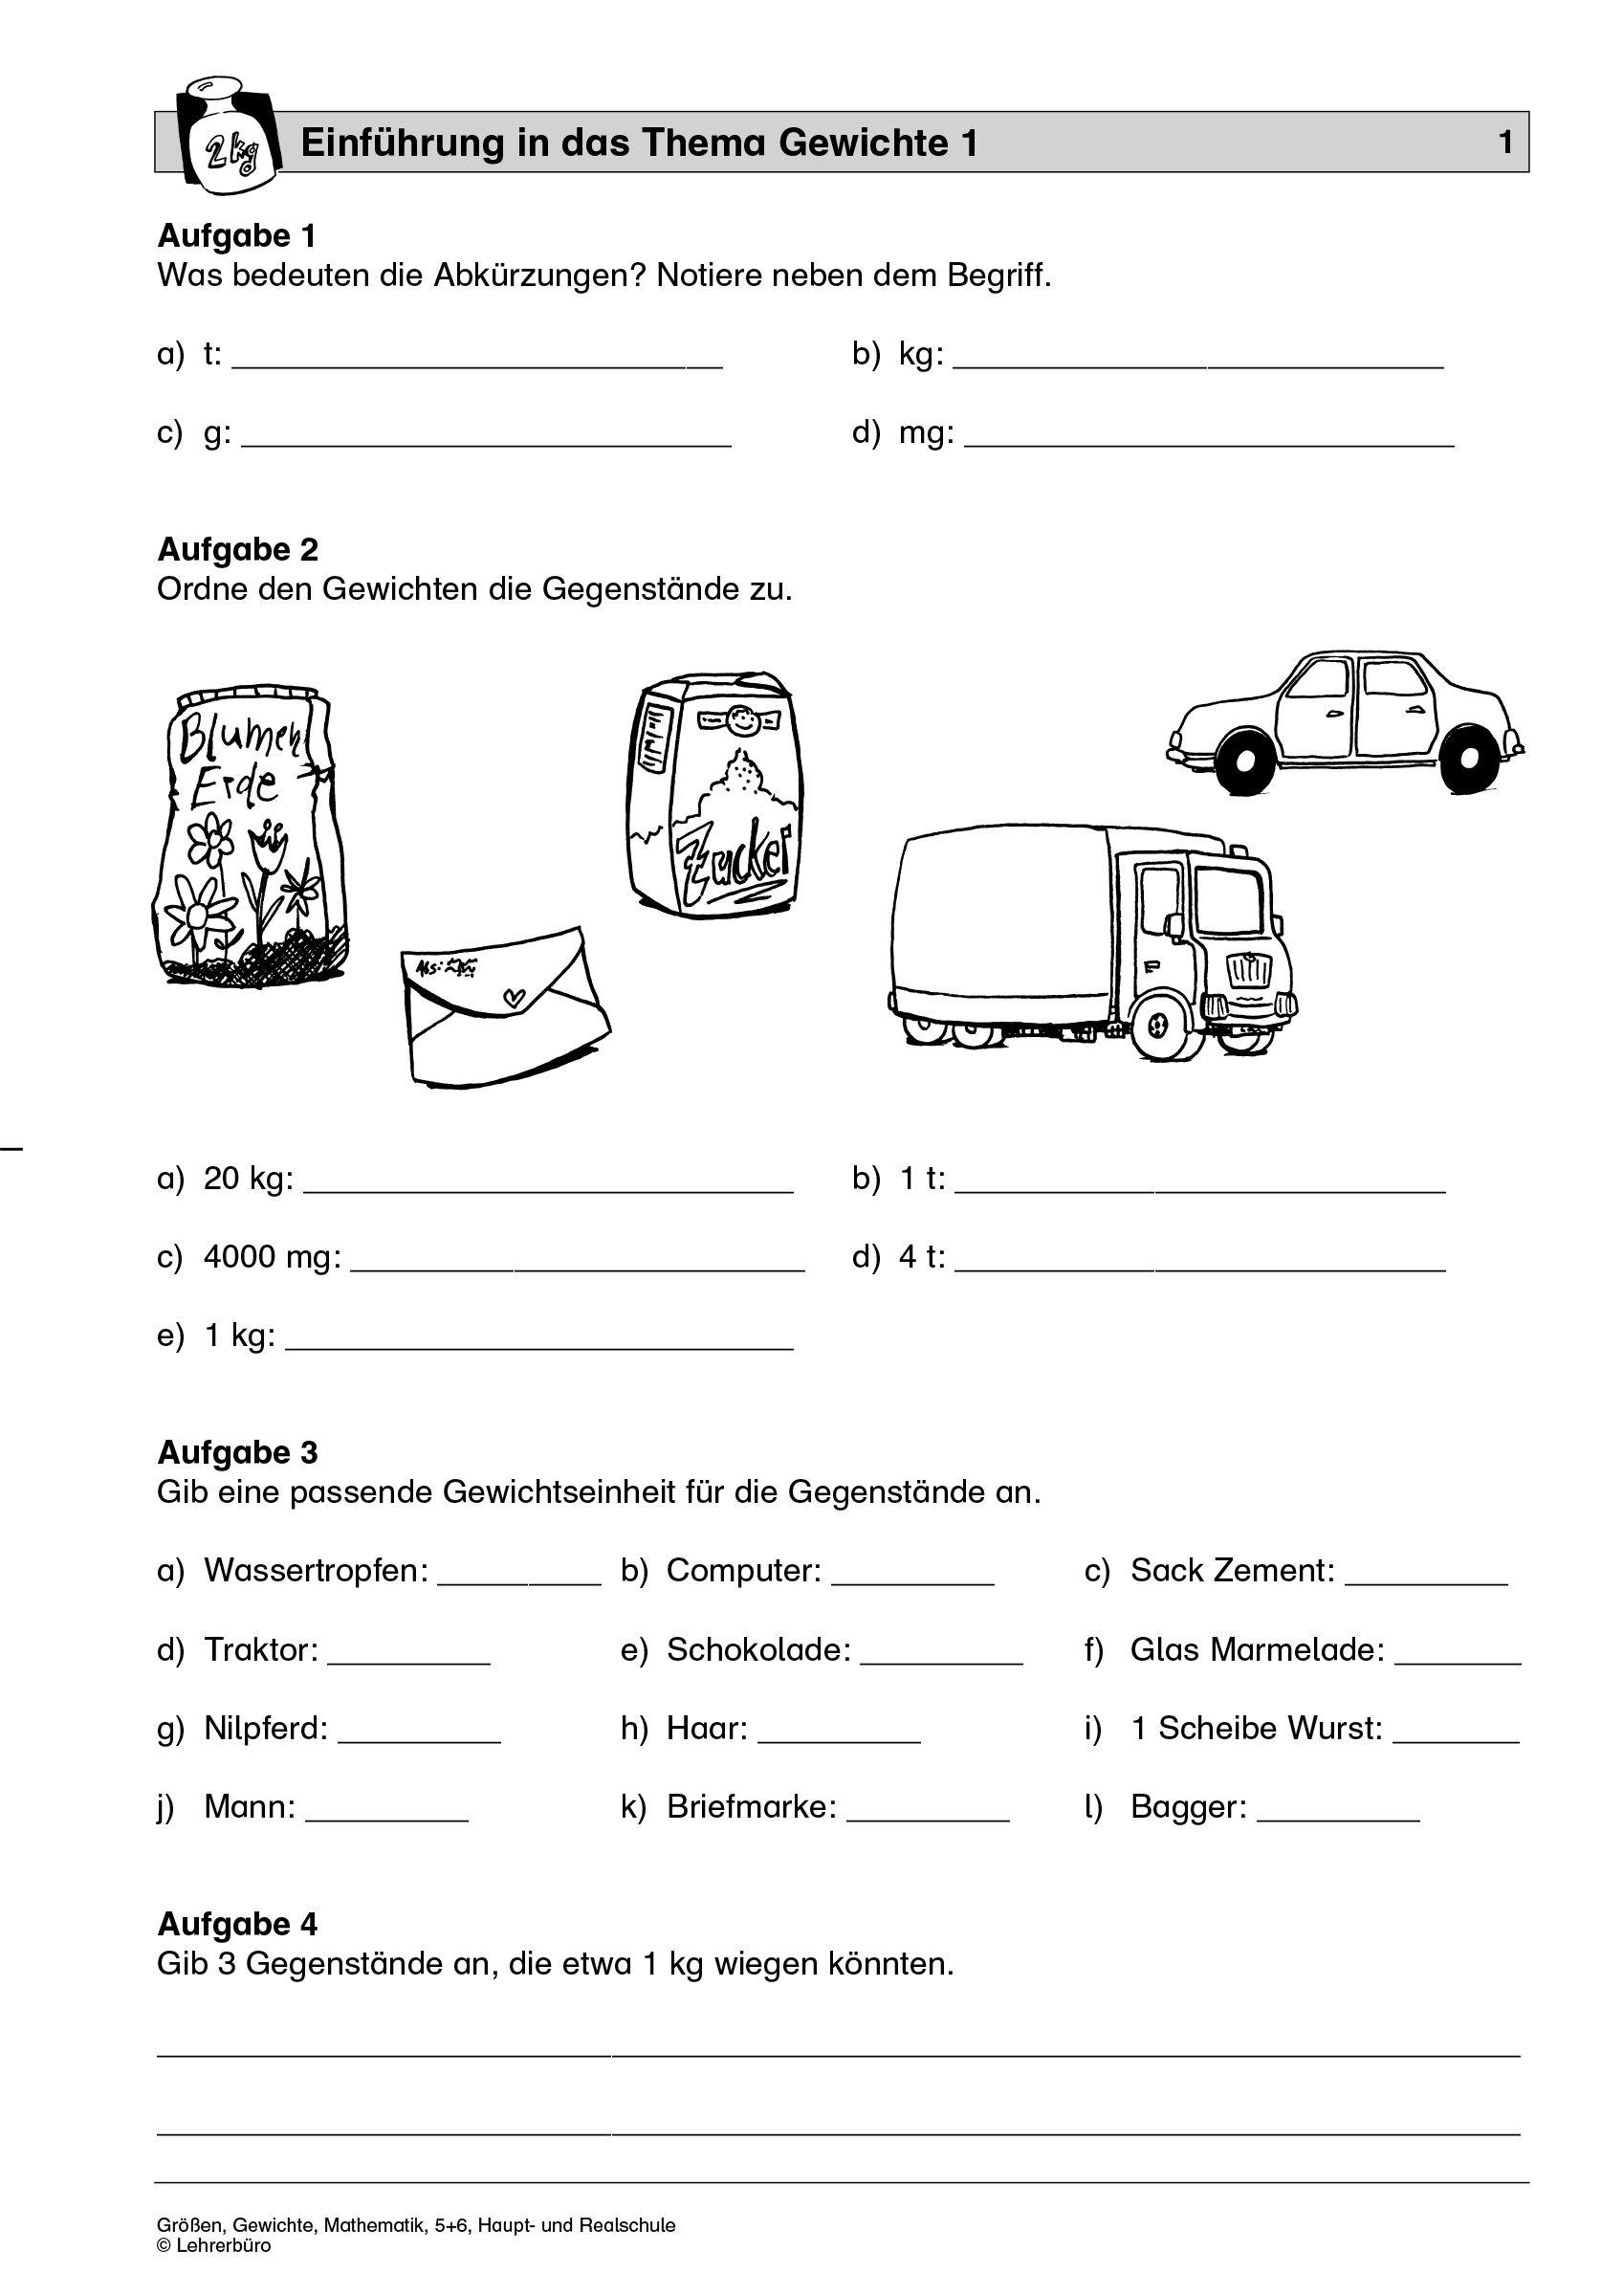 30 Mathearbeitsblätter Der 6. Klasse Pdf | Coloring Pages ...